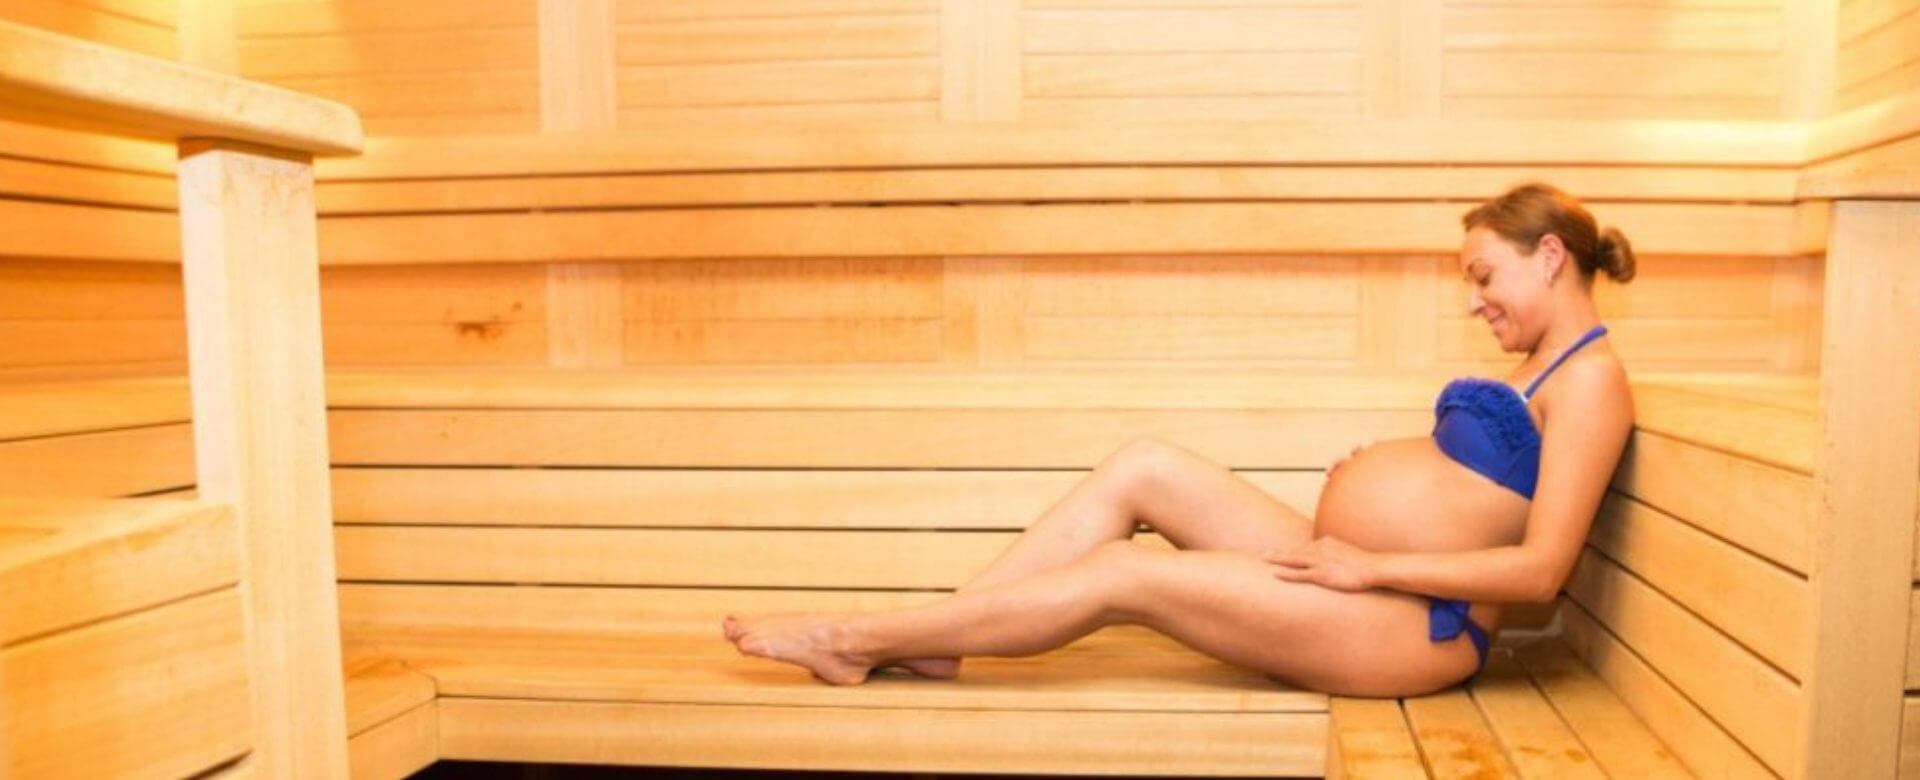 Можно ли париться в бане при месячных, какие могут быть последствия